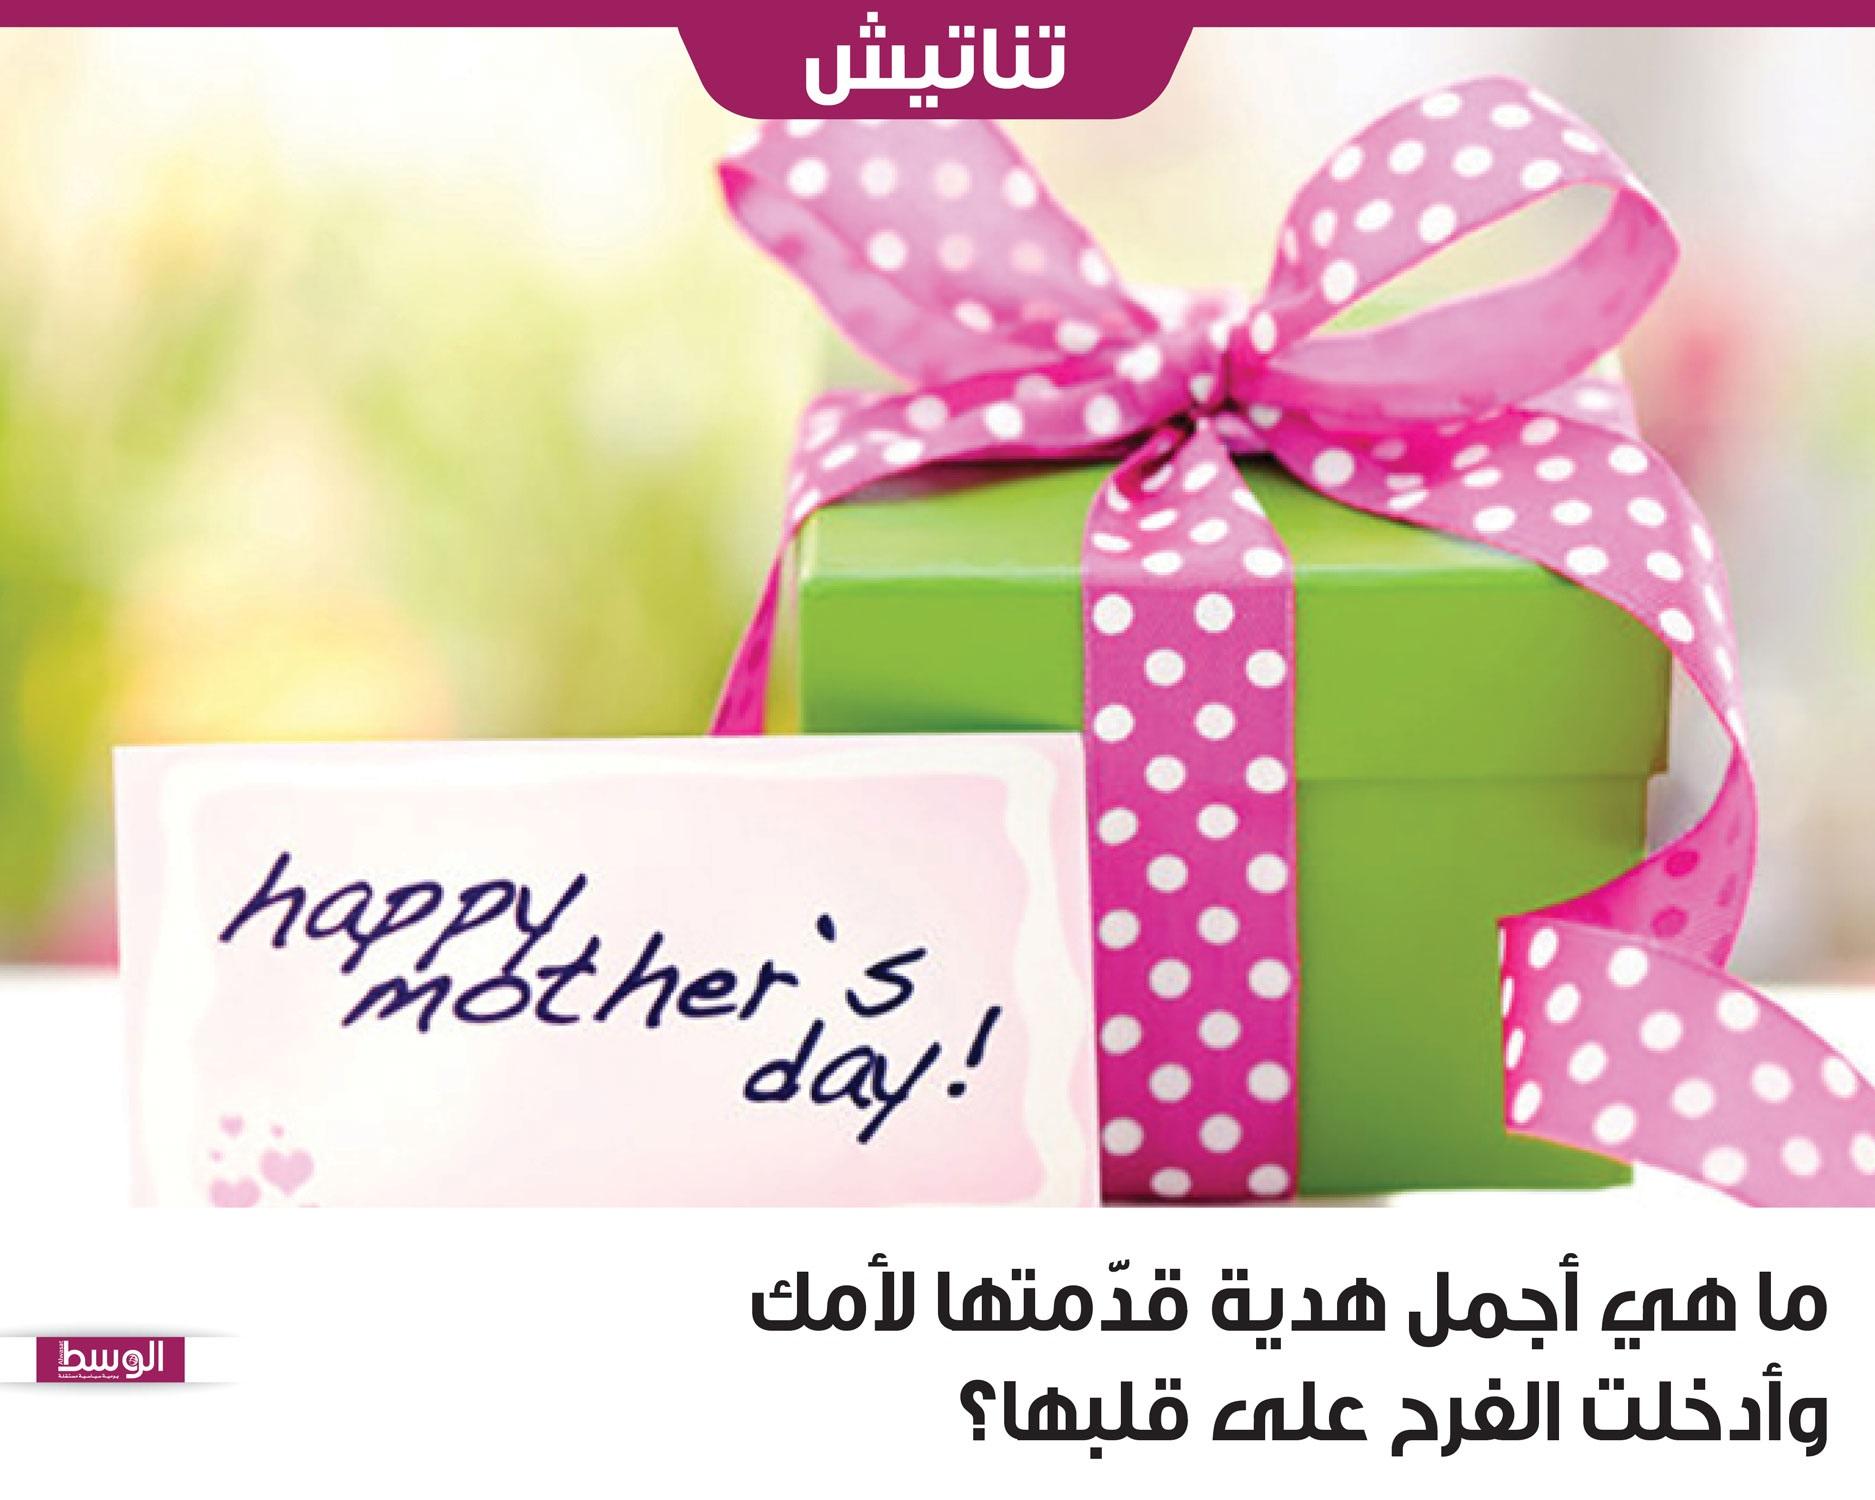 ما هي أجمل هدية قد متها لأمك وأدخلت الفرح على قلبها منوعات صحيفة الوسط البحرينية مملكة البحرين